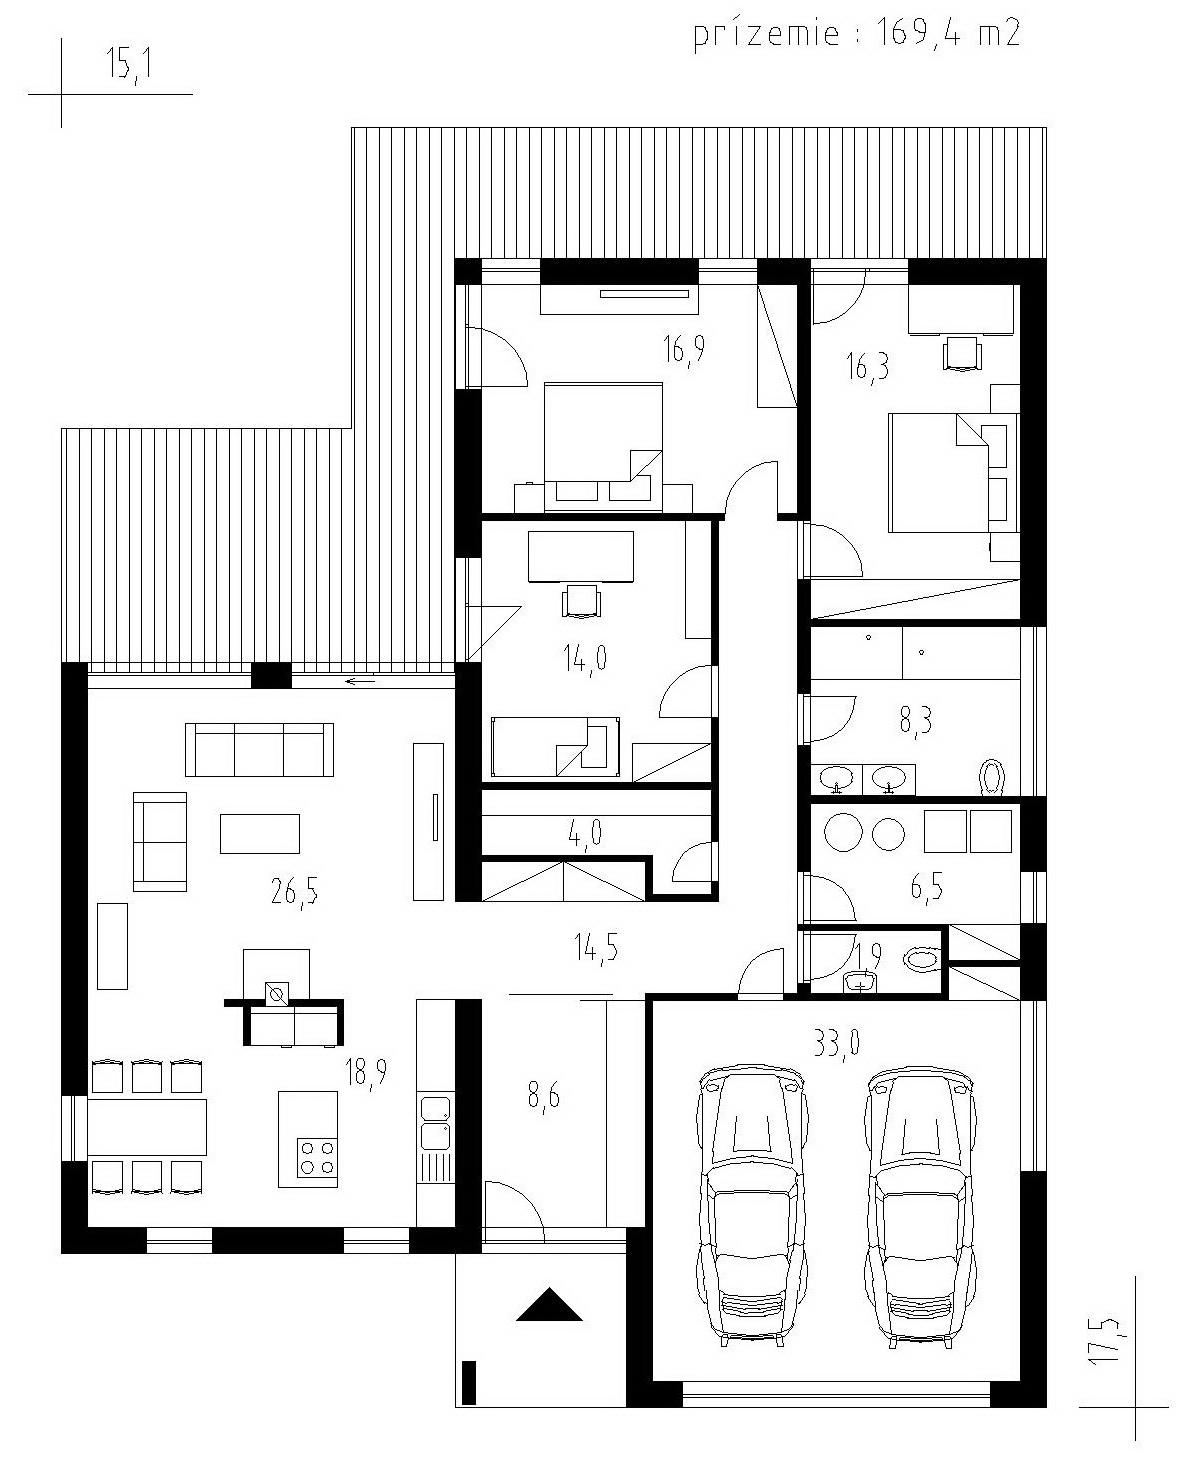 bungalov 1006 ide ln d m. Black Bedroom Furniture Sets. Home Design Ideas